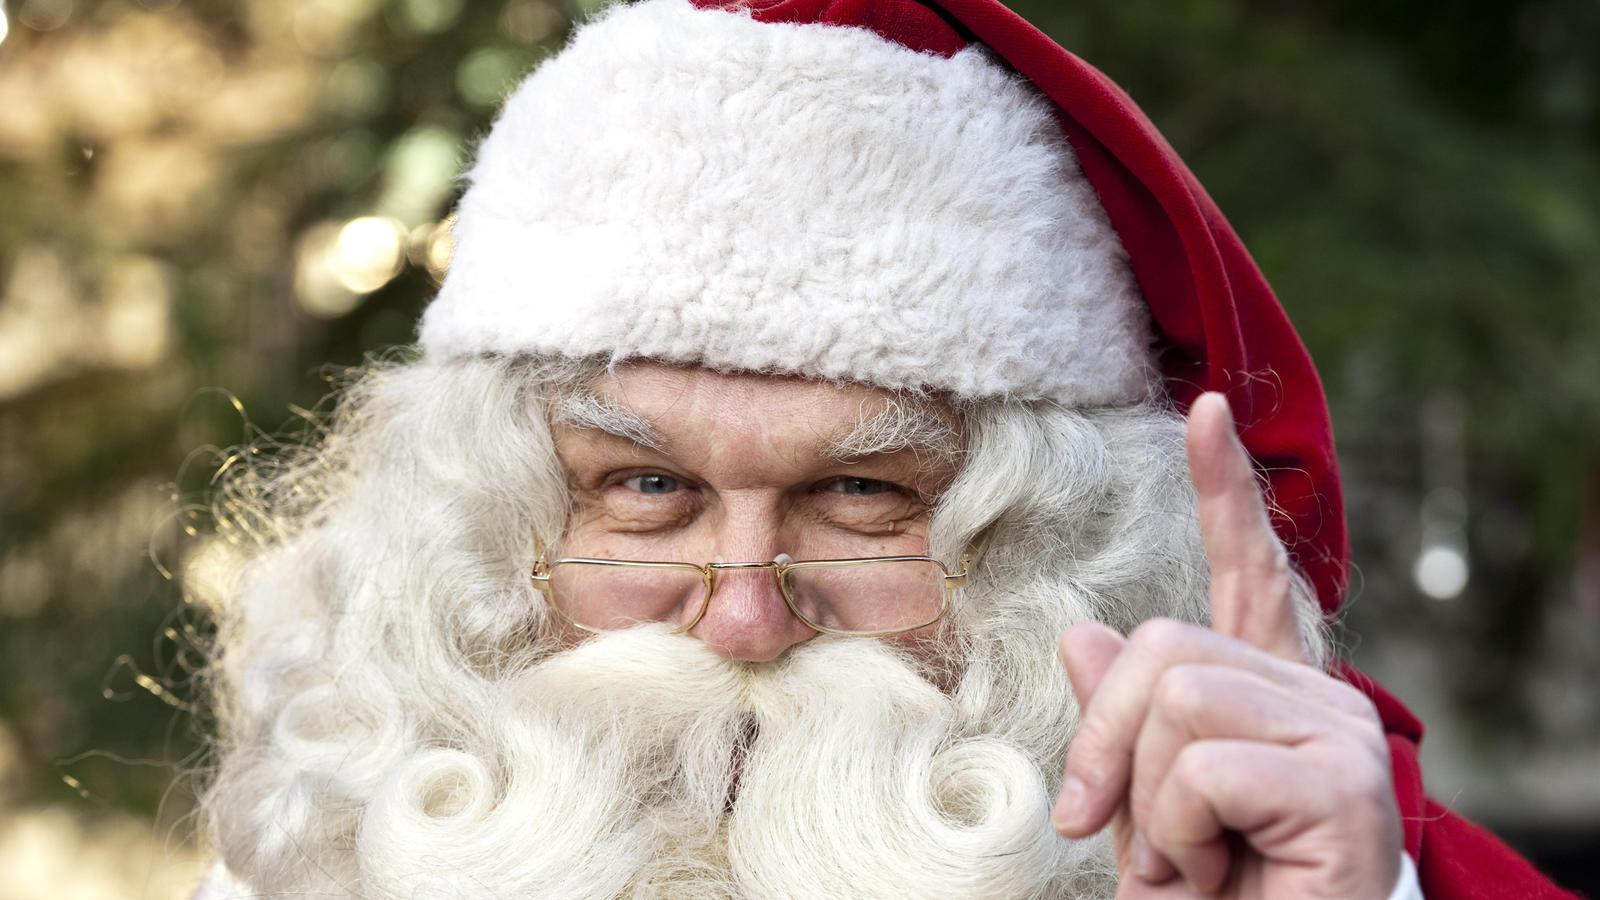 """Ist der Name """"Weihnachtsmann"""" noch zeitgemäß oder sollte eine geschlechterneutrale Bezeichnung verwendet werden?"""